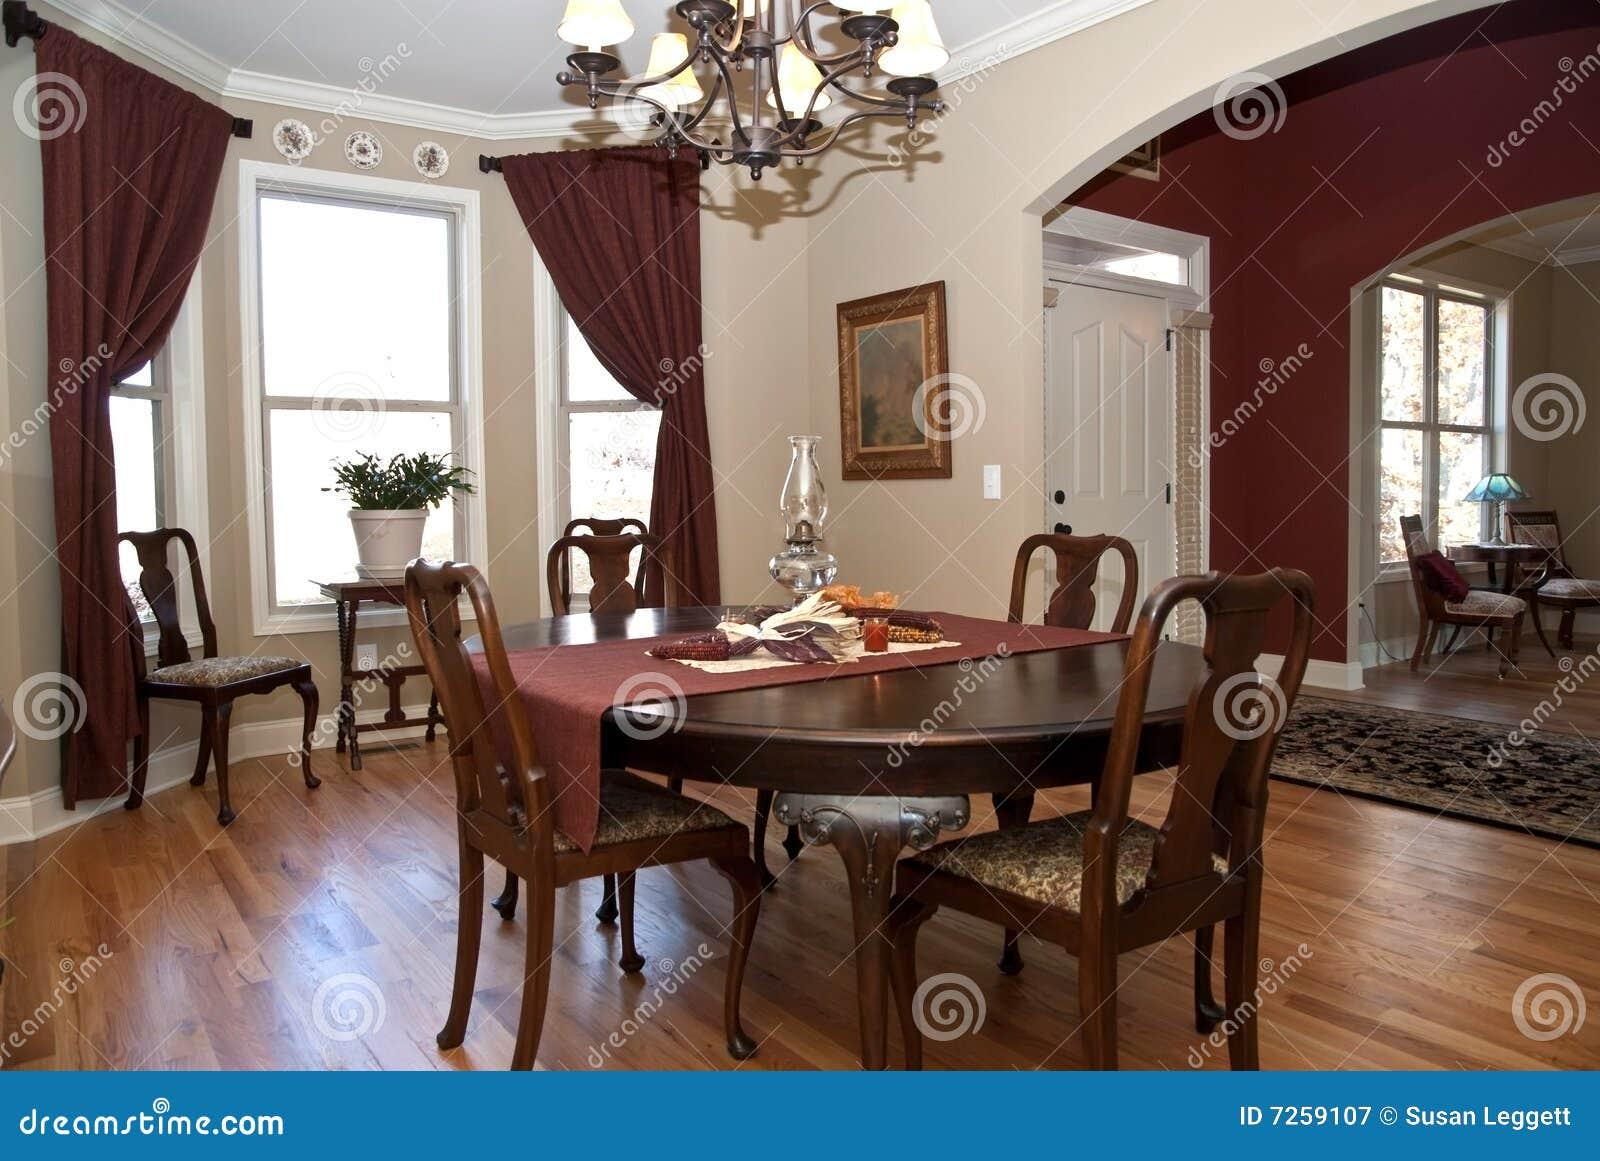 Arredamento moderno sala da pranzo: con arte arredamenti sala da ...